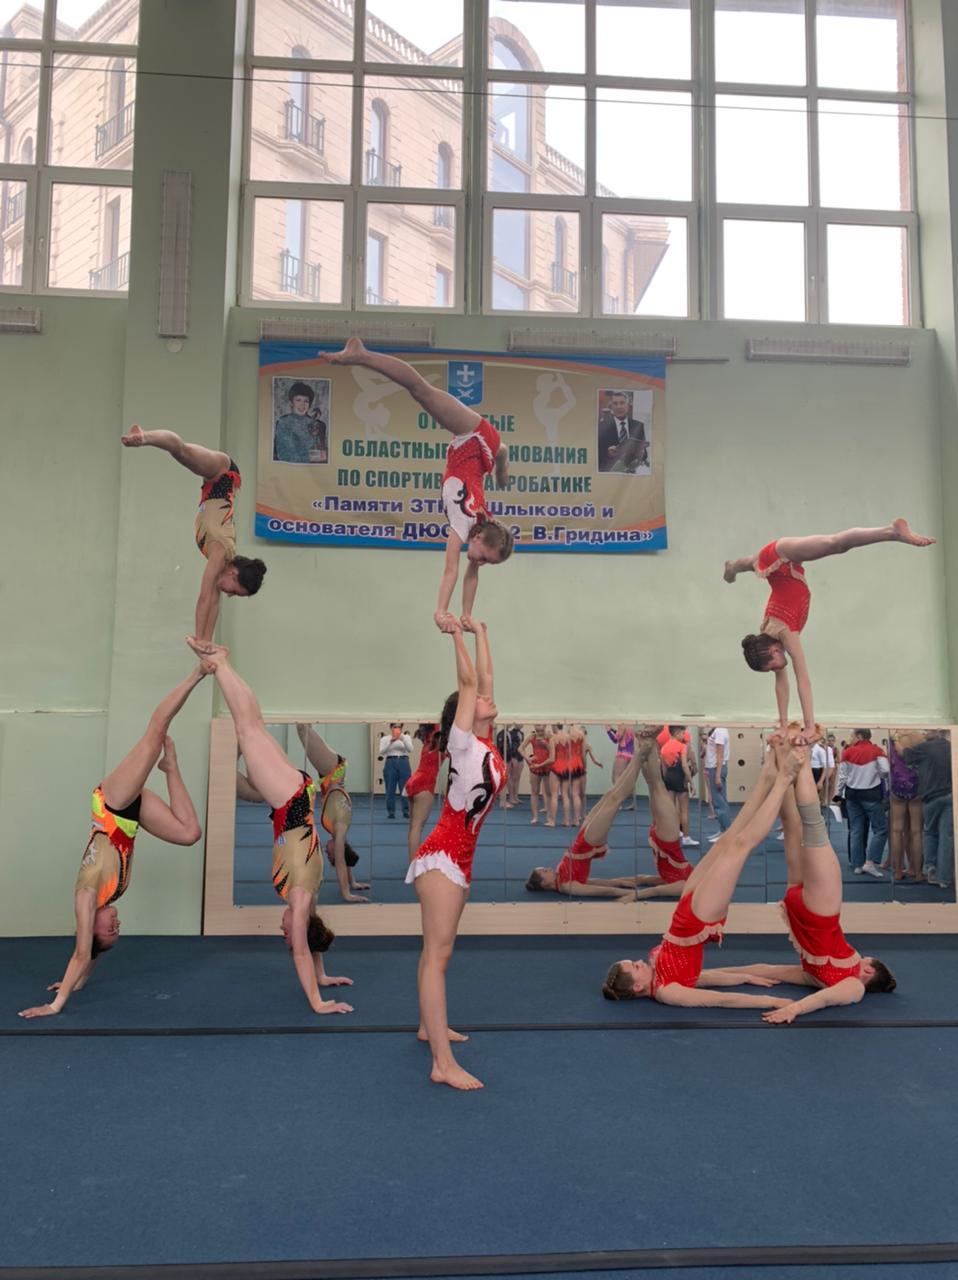 Достижения в спортивной акробатике